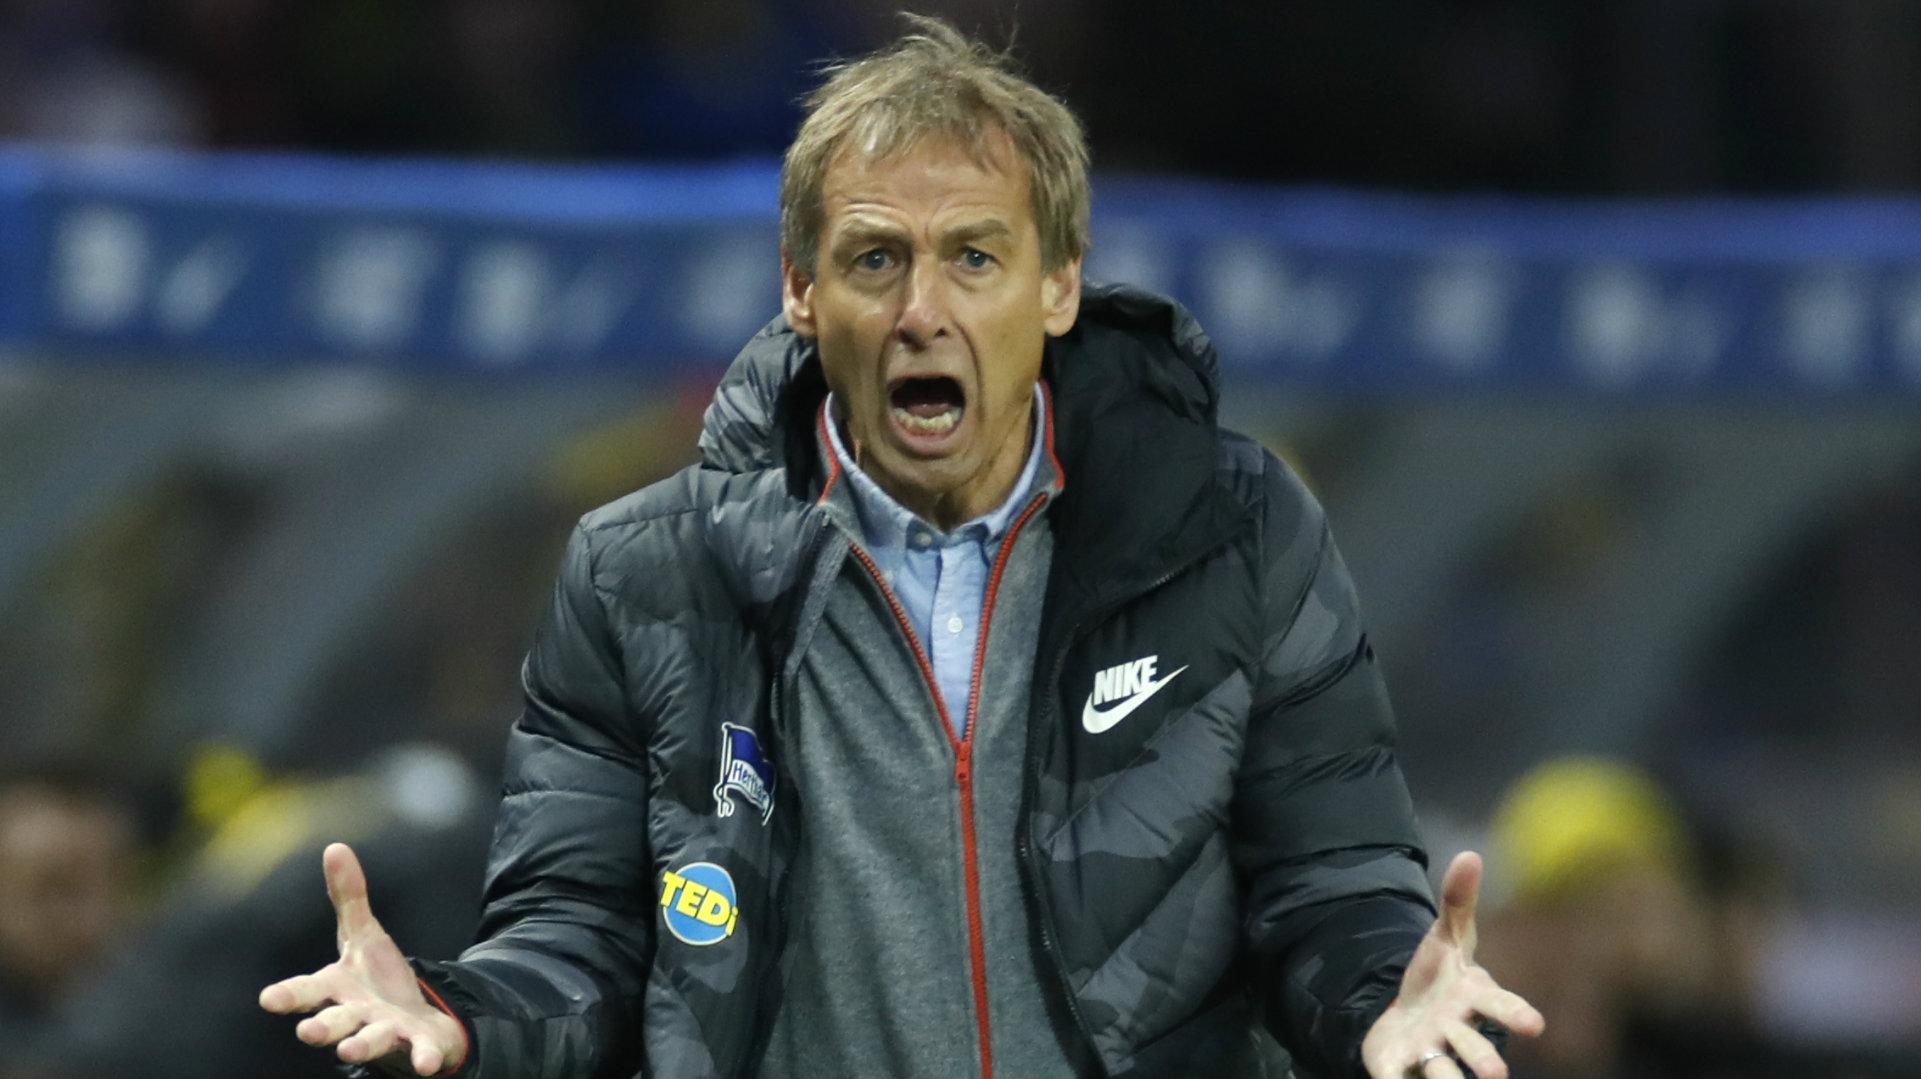 Klinsmann don comot hand as Berlin coach